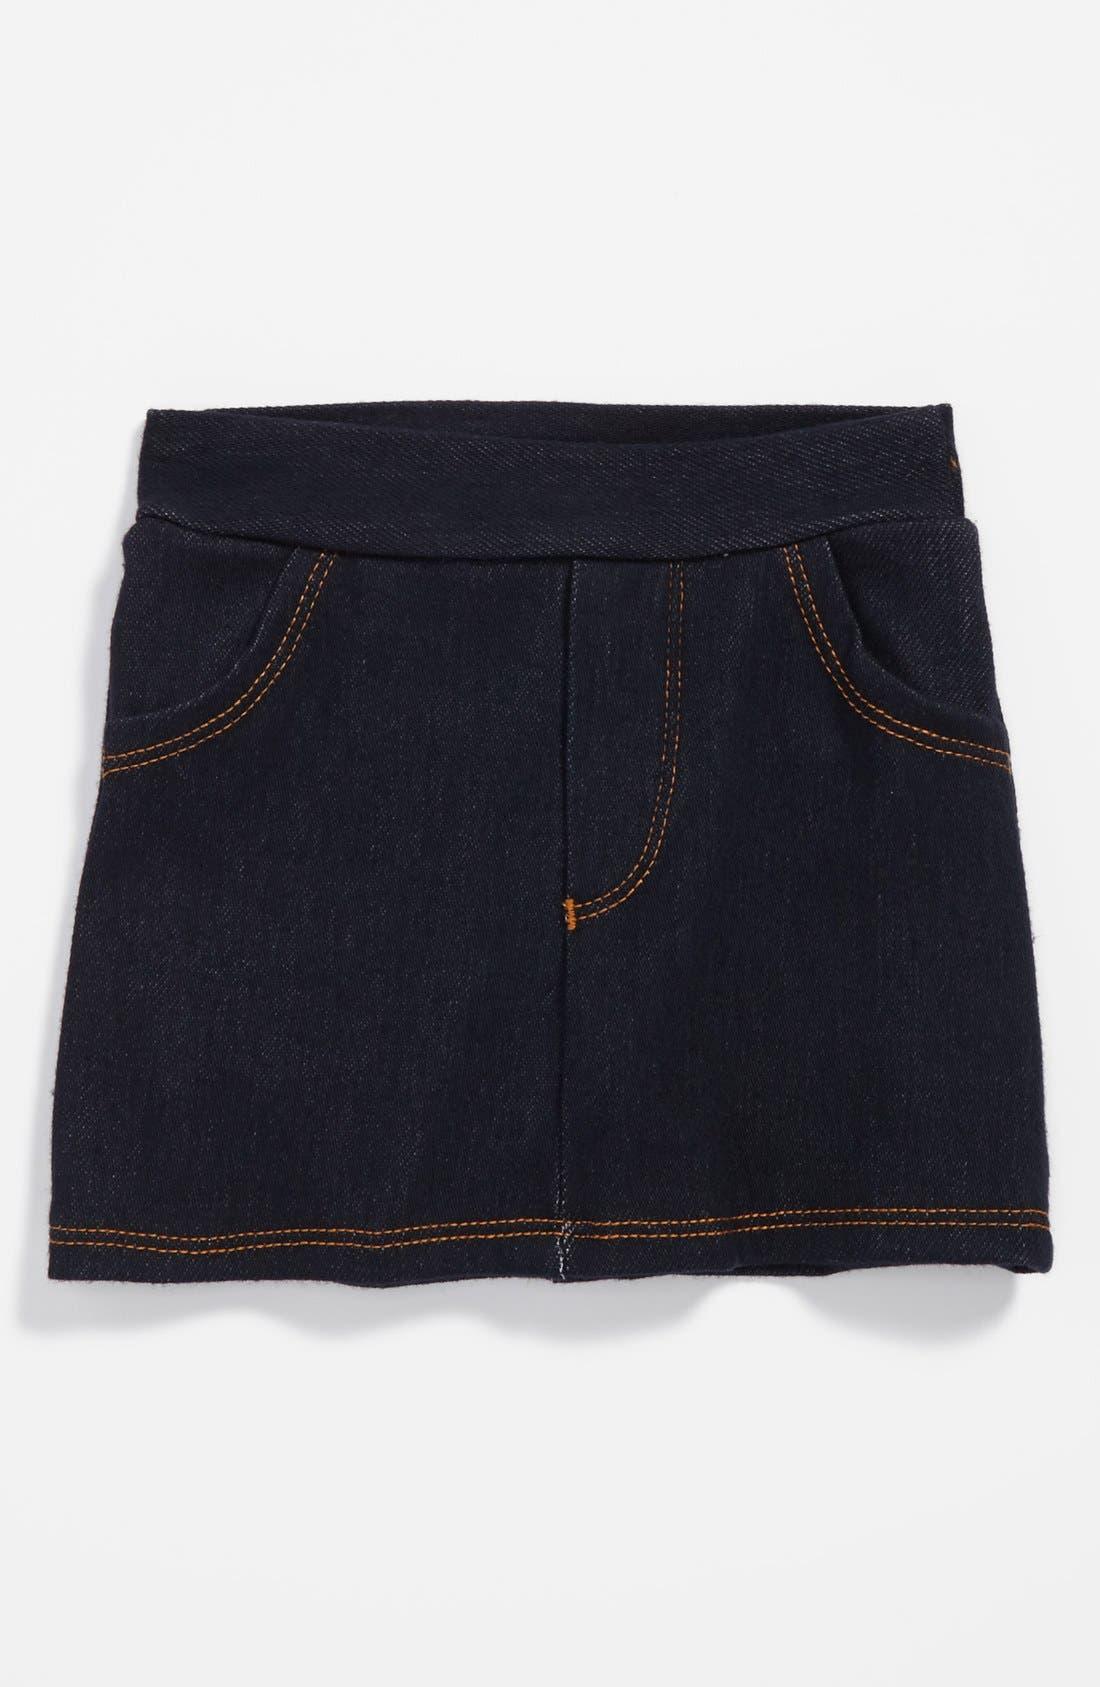 Alternate Image 1 Selected - TA-EAM Scooter Skirt (Toddler Girls)